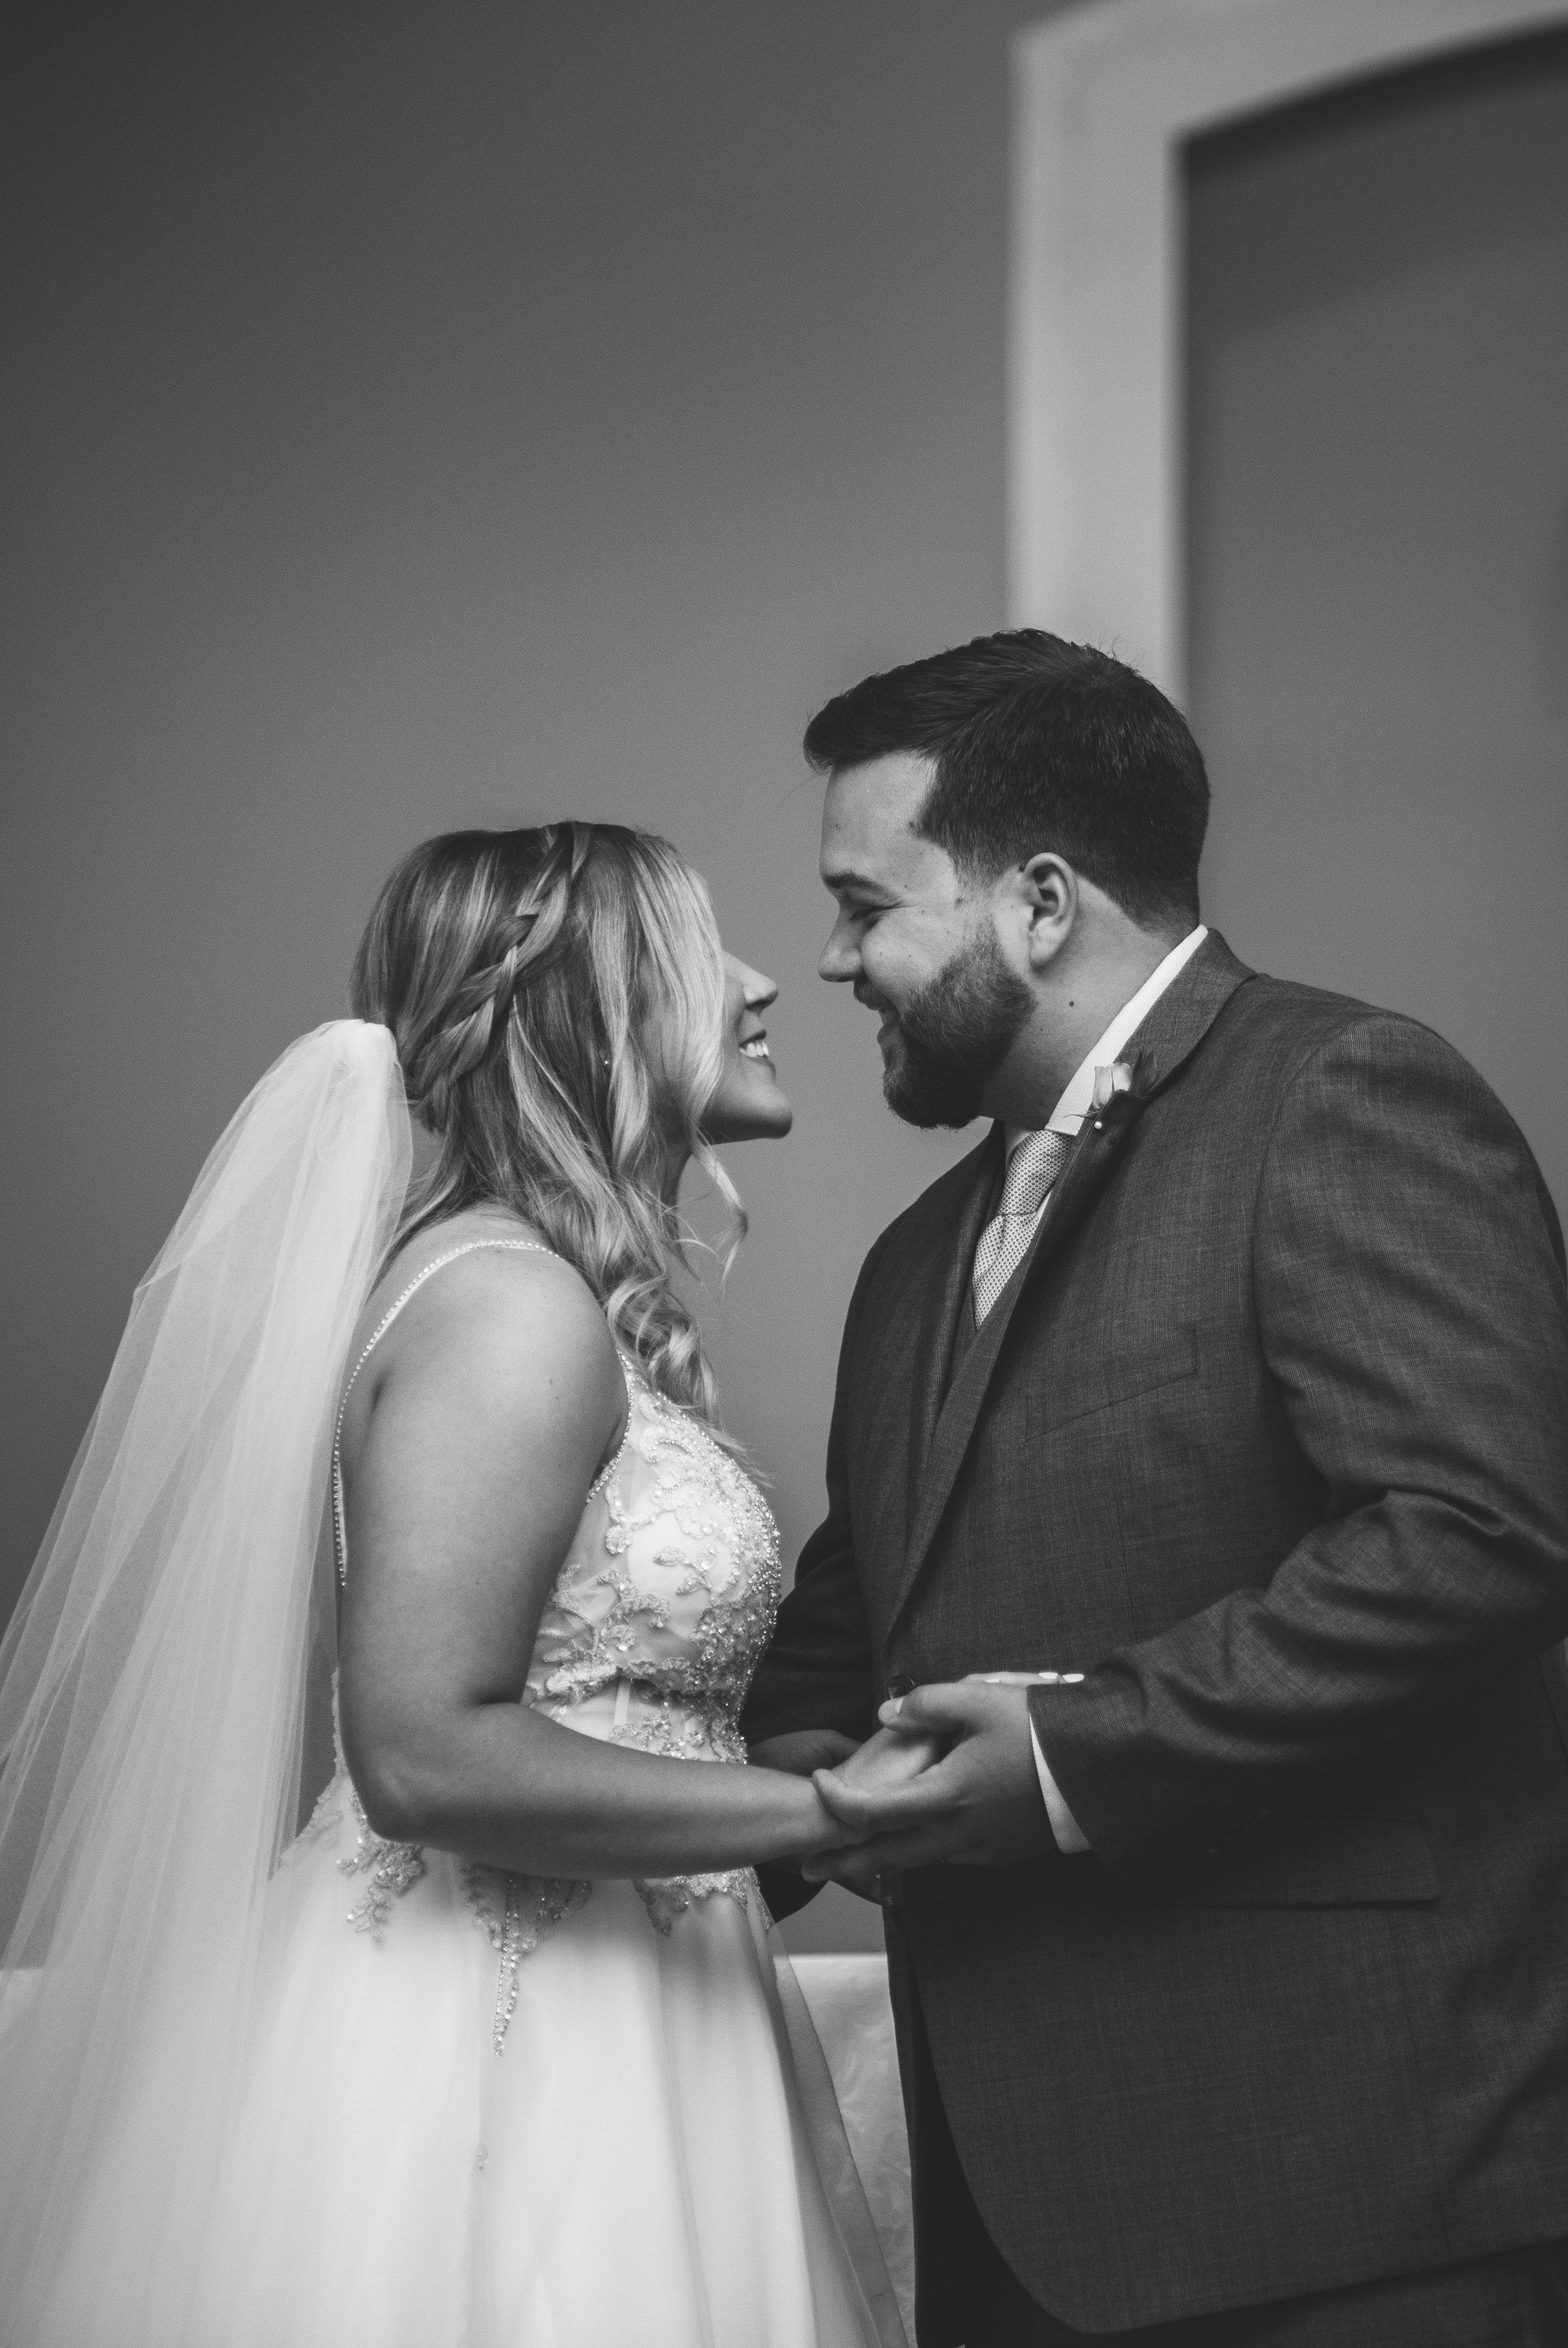 toledo ohio wedding ceremony photographer